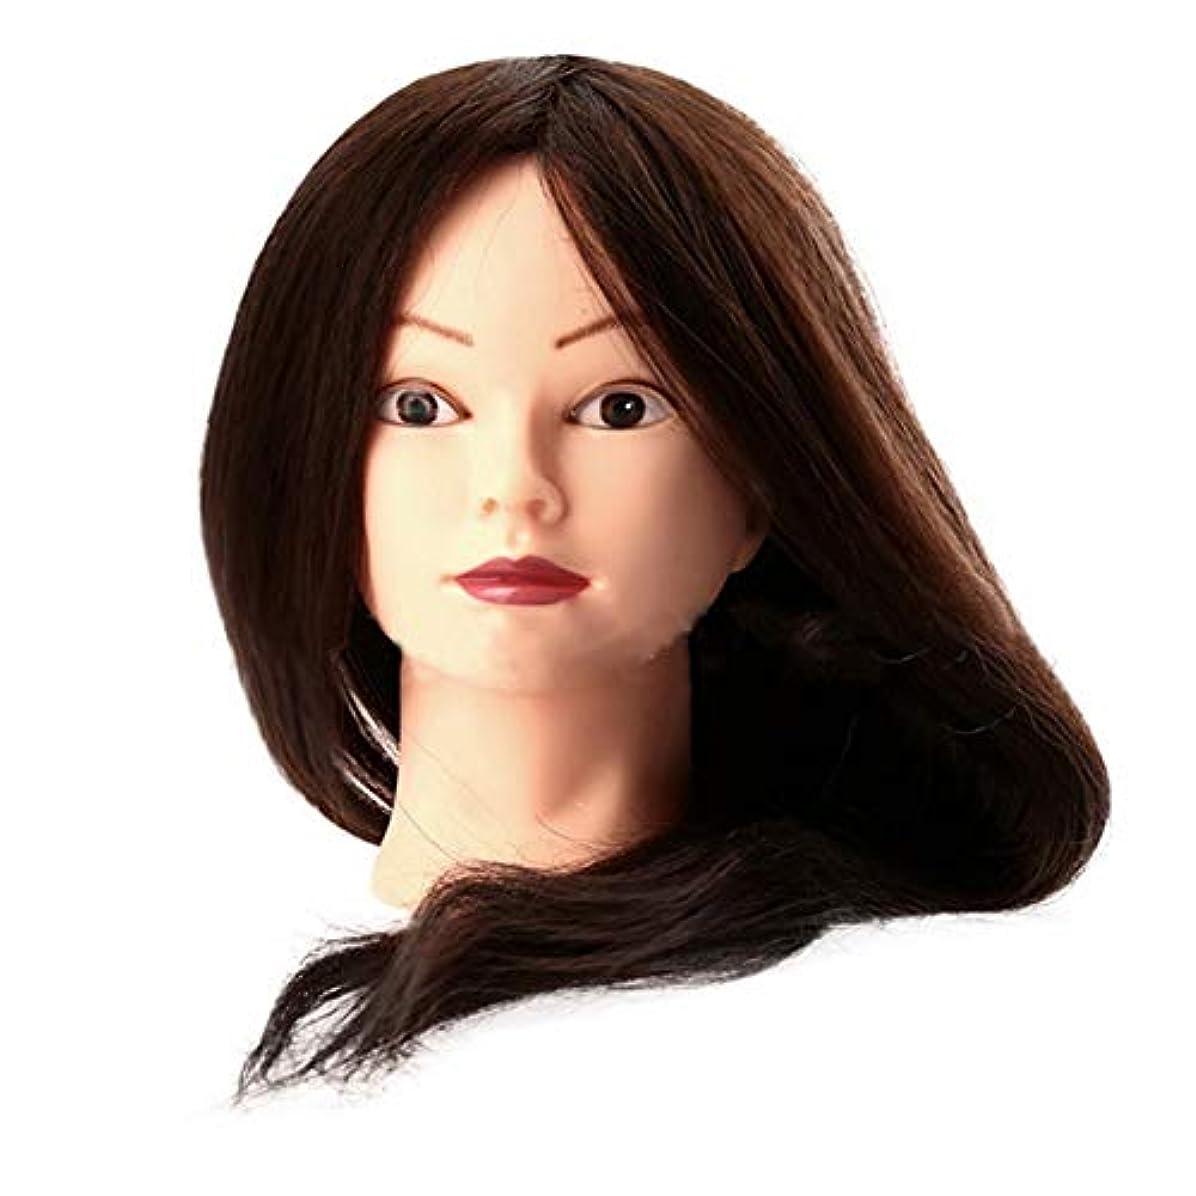 しがみつく比べる切断するヘアマネキンヘッド練習ディスク髪編組ヘッドモデル理髪店学校教育かつらヘッドバンドブラケット